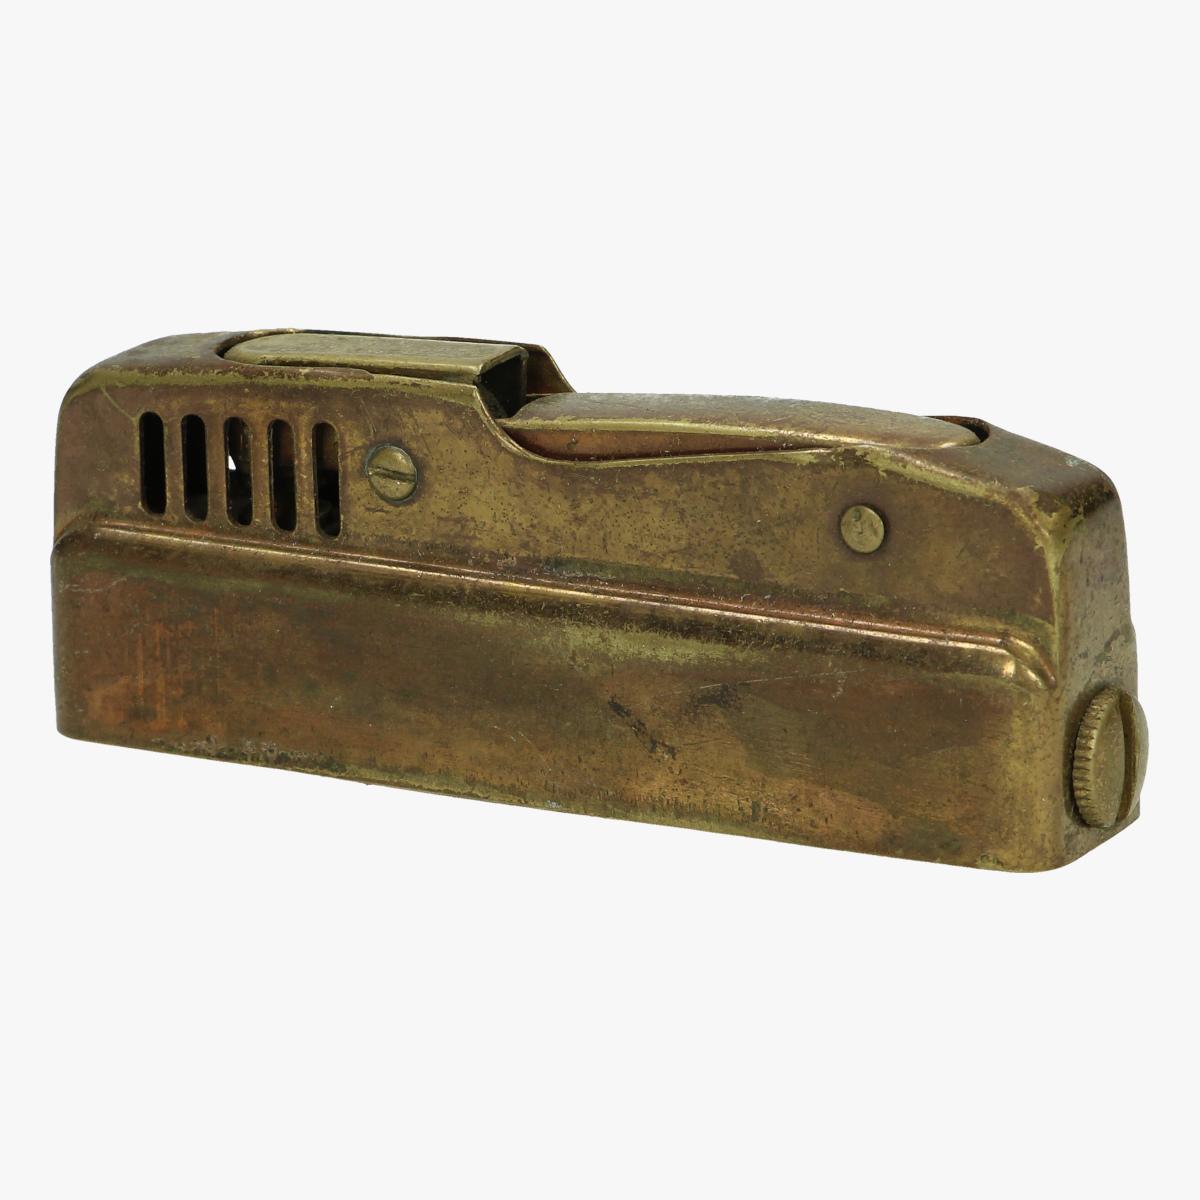 Afbeeldingen van oude aansteker